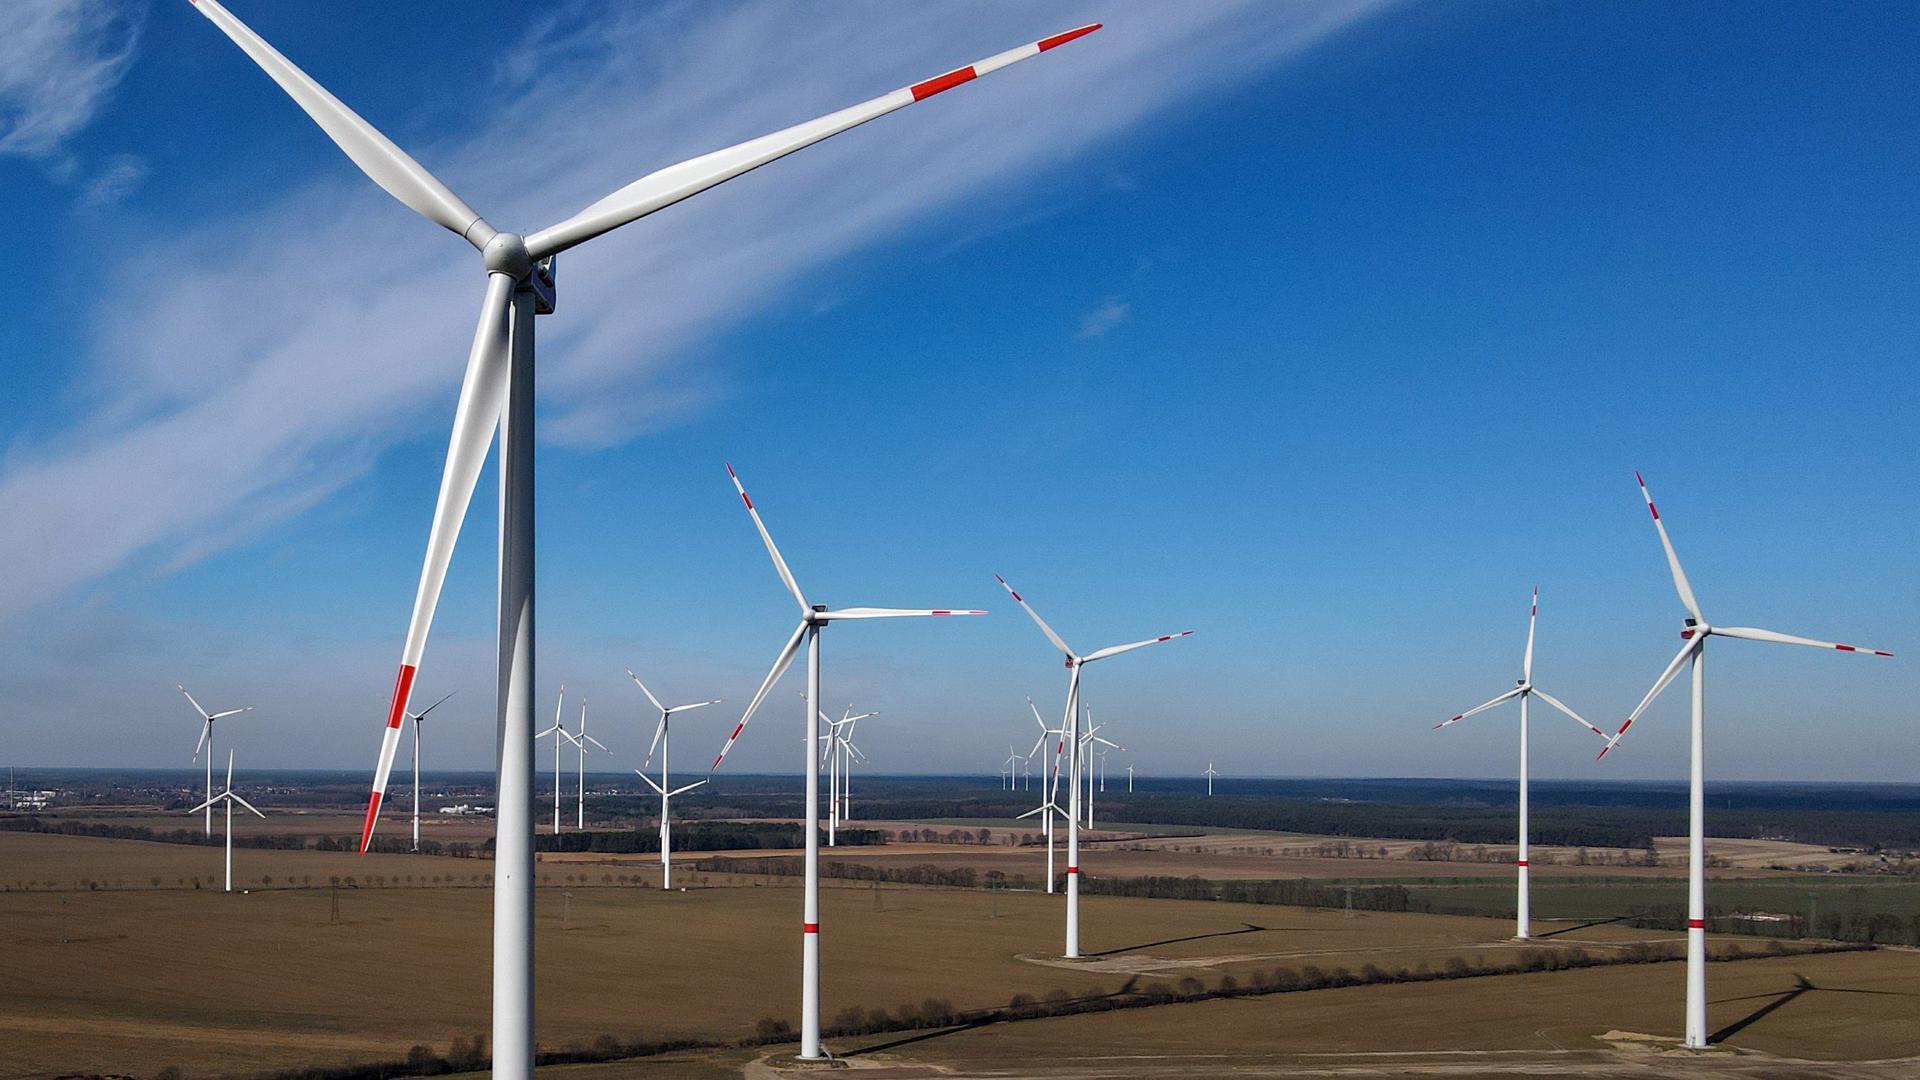 Der Windpark «Albertshof» der Berliner Stadtwerke (Luftaufnahme mit einer Drohne). Am selben Tag findet eine virtuelle Vorstellung des Onshore Windparks «Albertshof» statt. Auf diesem Feld nahe dem nordöstlichen Stadtrand von Berlin wurden 9 Windenergieanlagen mit je 3,45 MegaWatt (MW) Leistung errichtet. Die Investitionsvolumen lag bei etwa 38,7 Millionen Euro. Bilanziell werden mit den 9 Anlagen mehr als 30.000 Haushalte mit lokalem Ökostrom versorgt. +++ dpa-Bildfunk +++